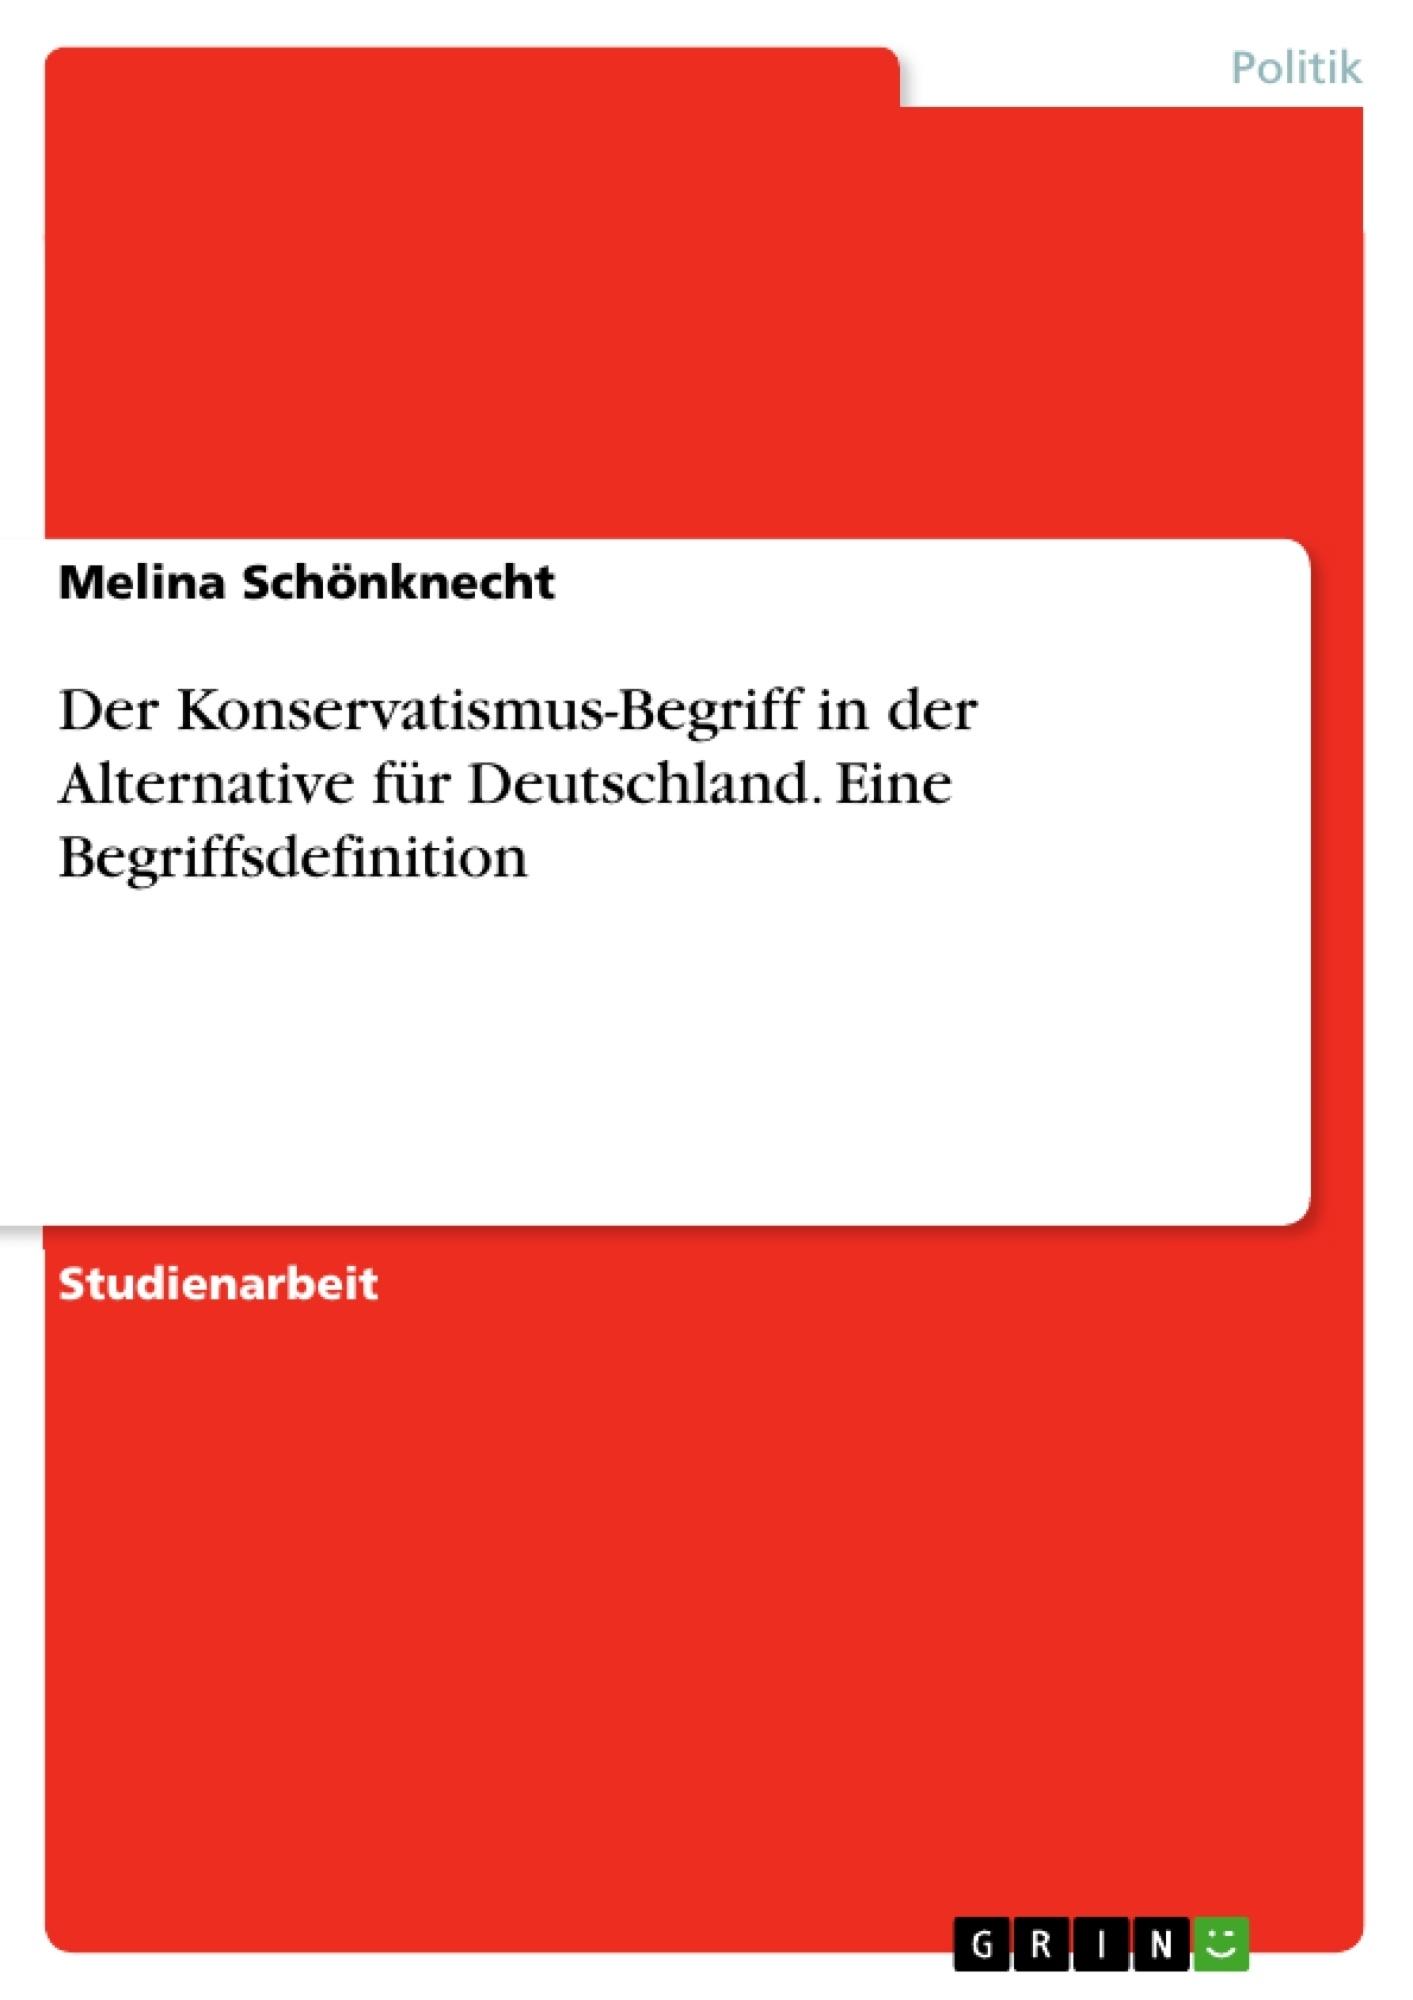 Titel: Der Konservatismus-Begriff in der Alternative für Deutschland. Eine Begriffsdefinition